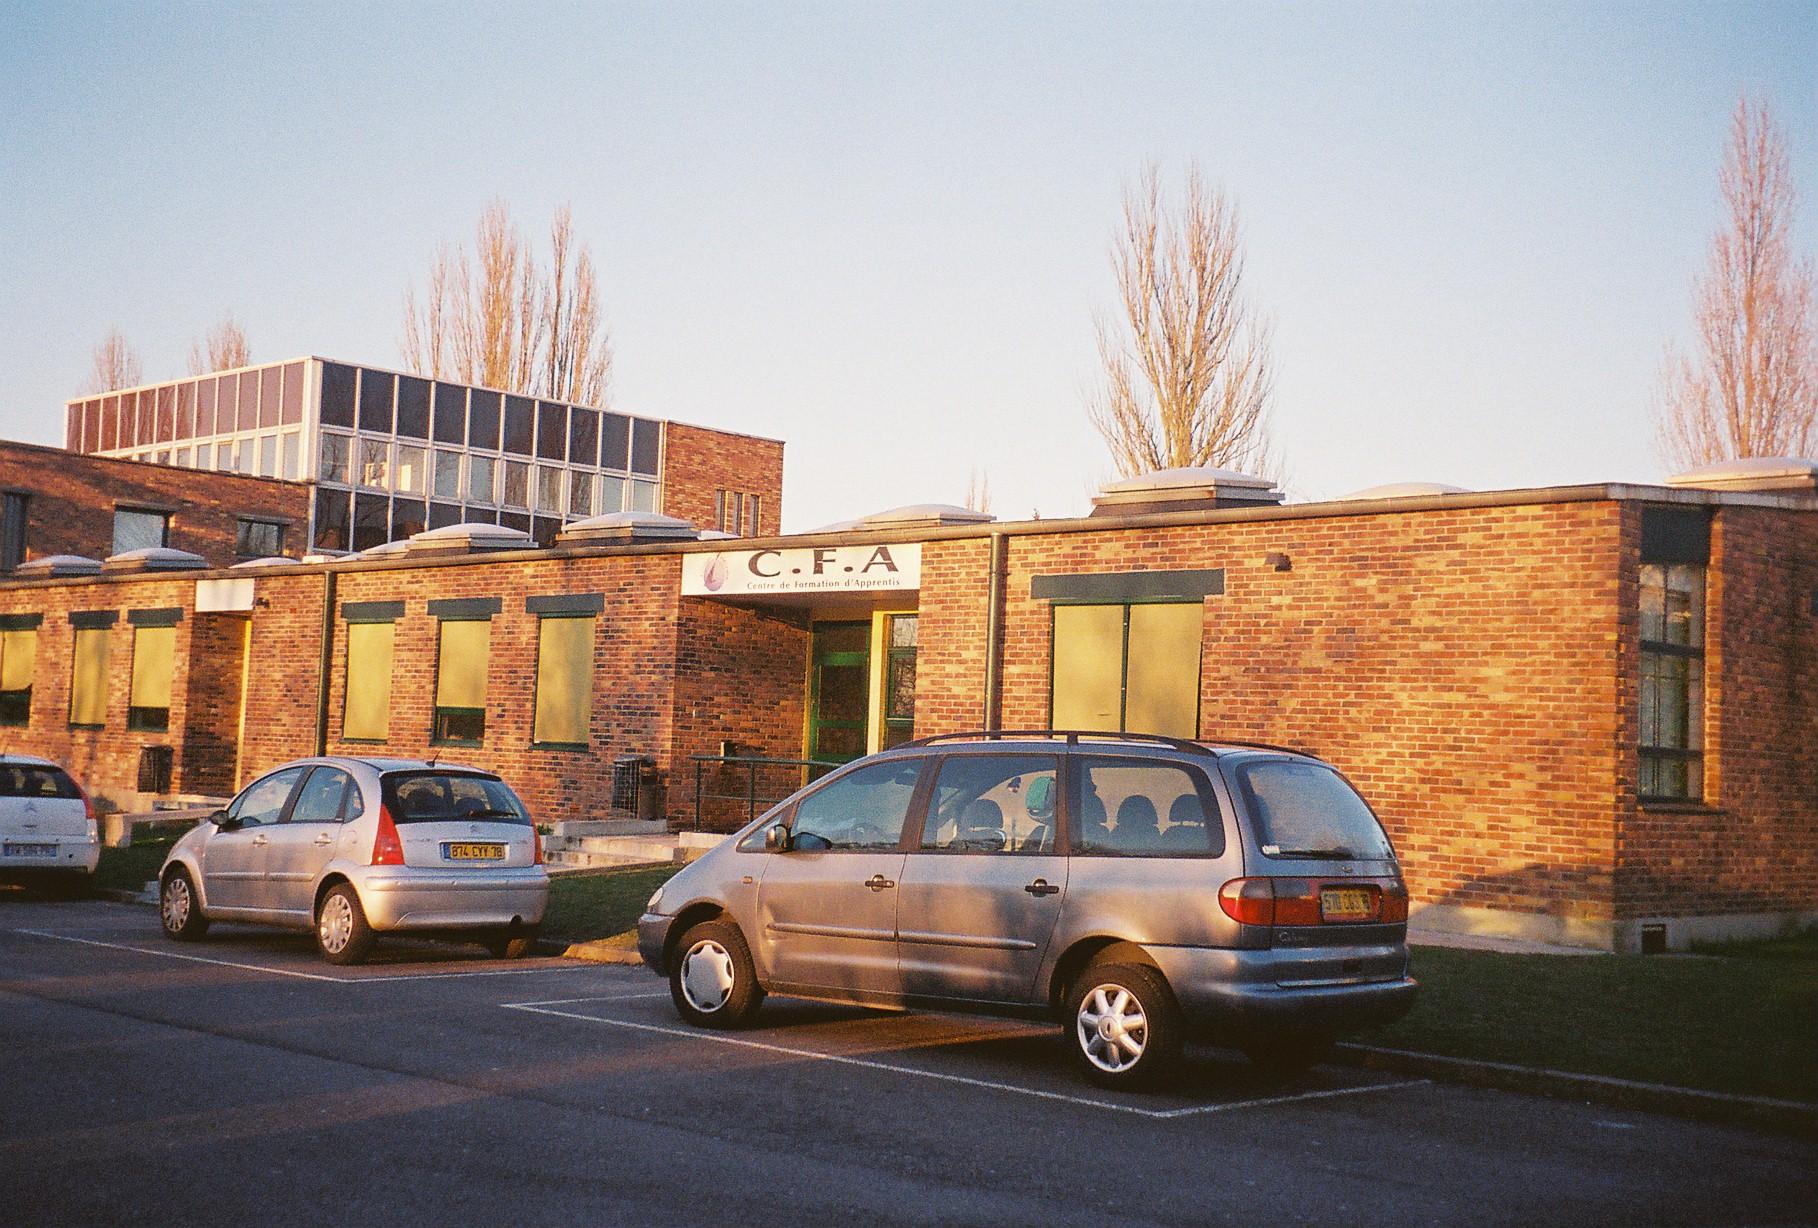 la-verriere-cfa-affida-noels-school-front c2010